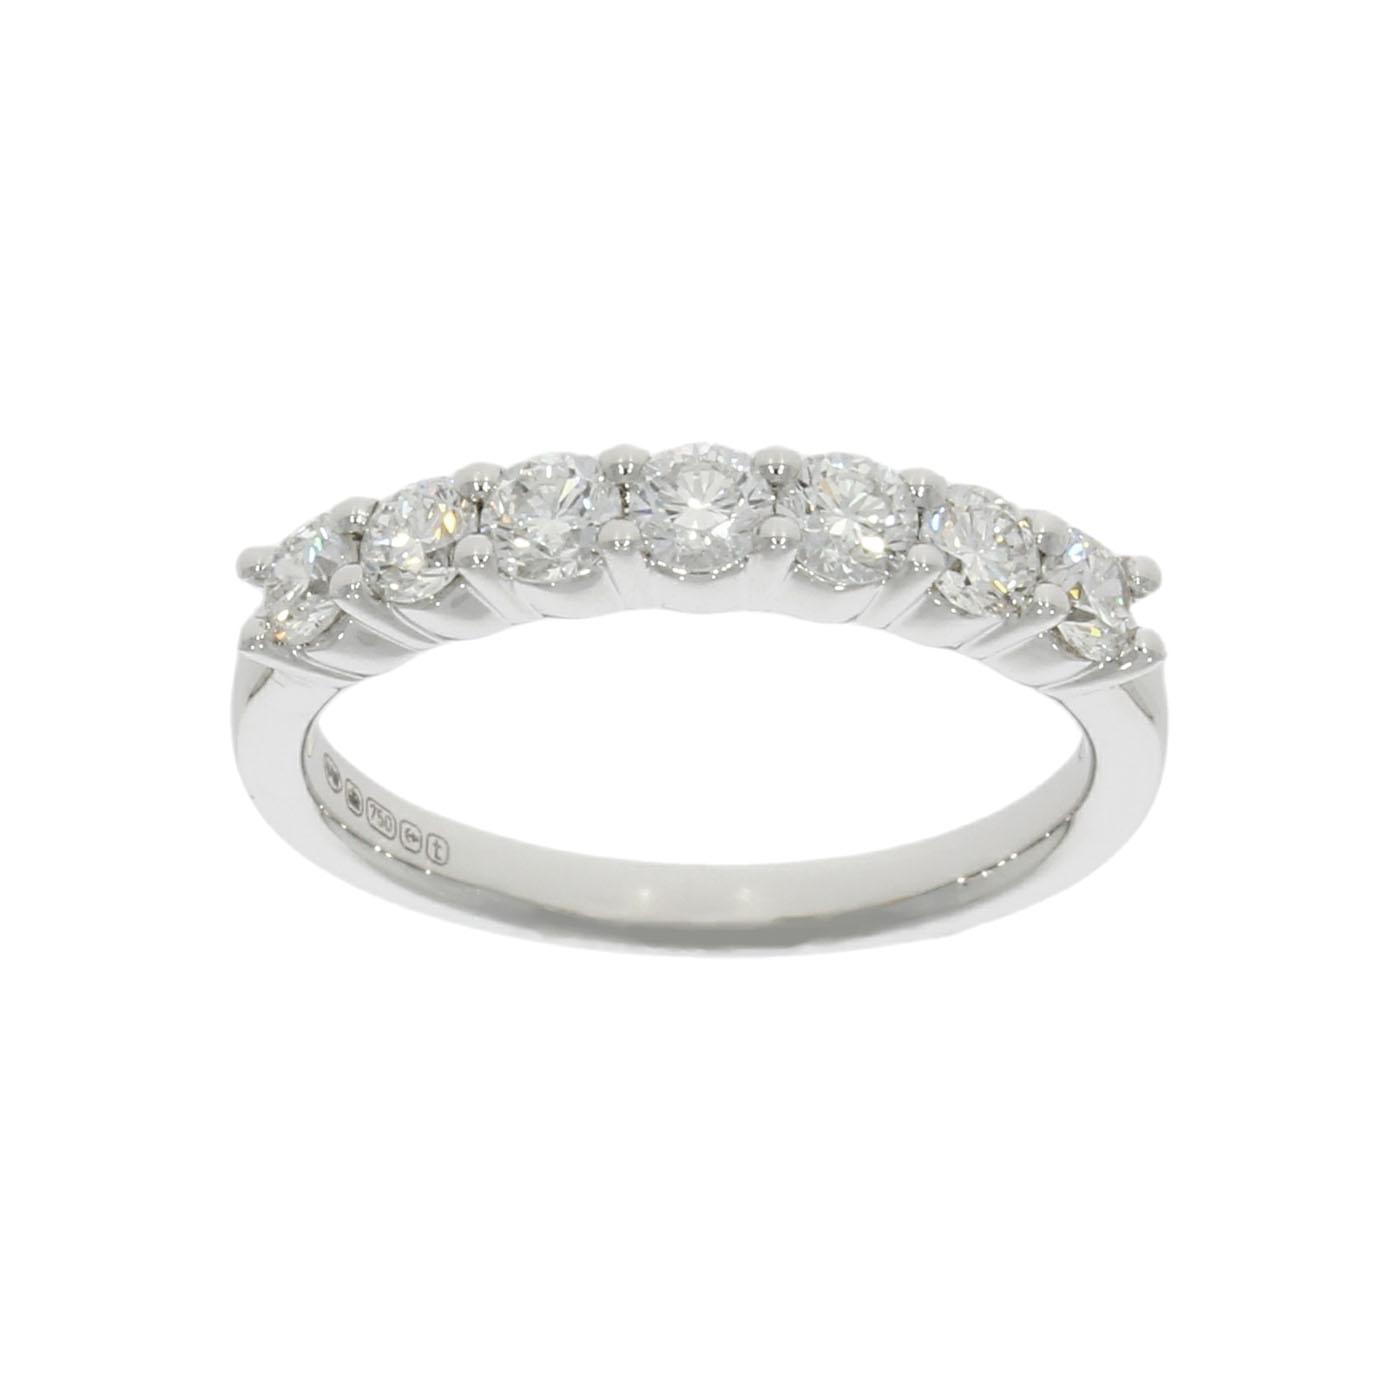 classic platinum 18ct white gold half eternity diamond wedding band ring uk handmade